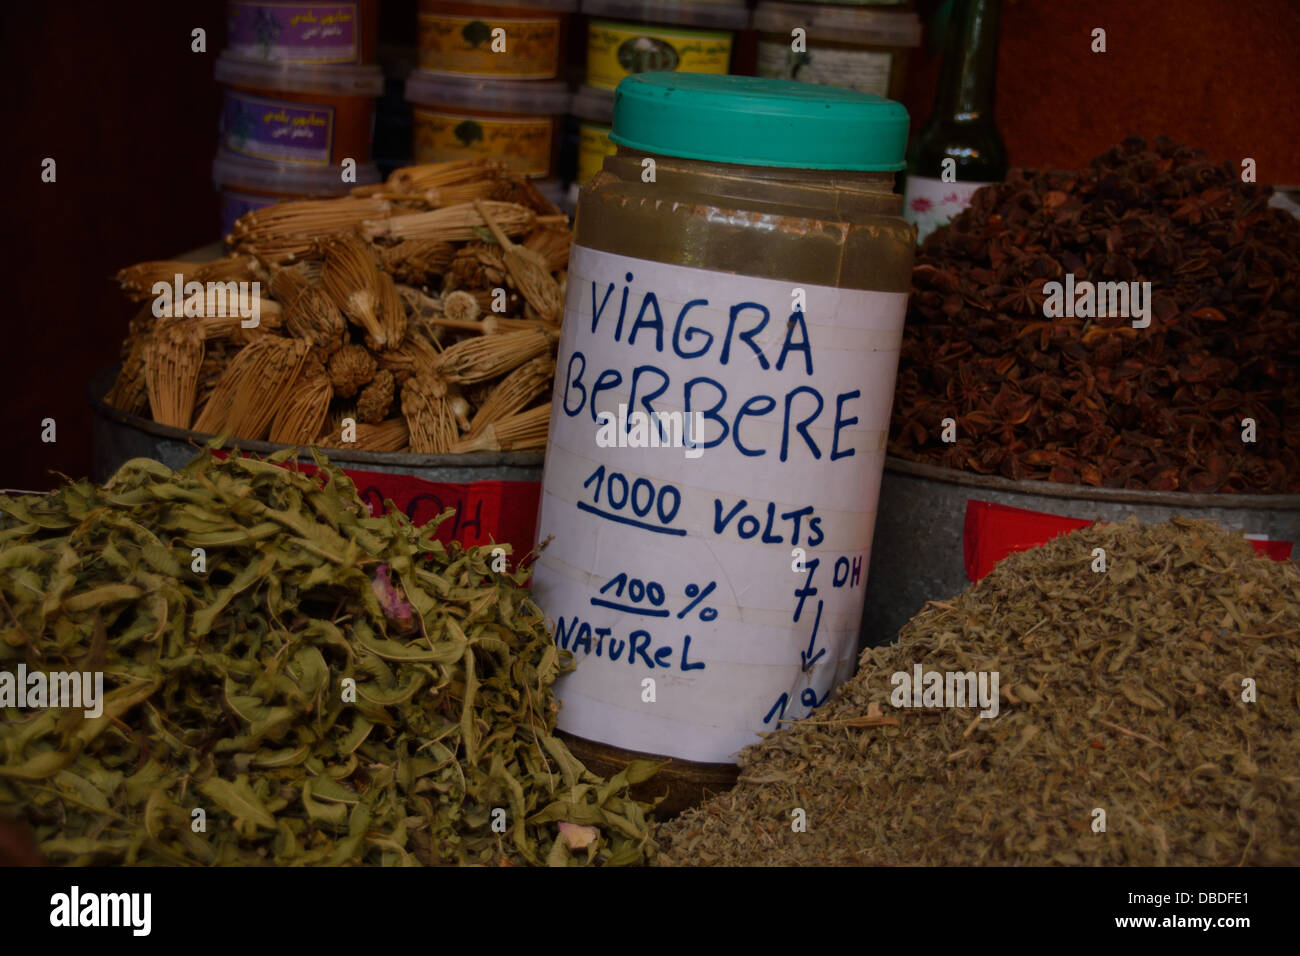 Natural Viagra Stock Photos & Natural Viagra Stock Images